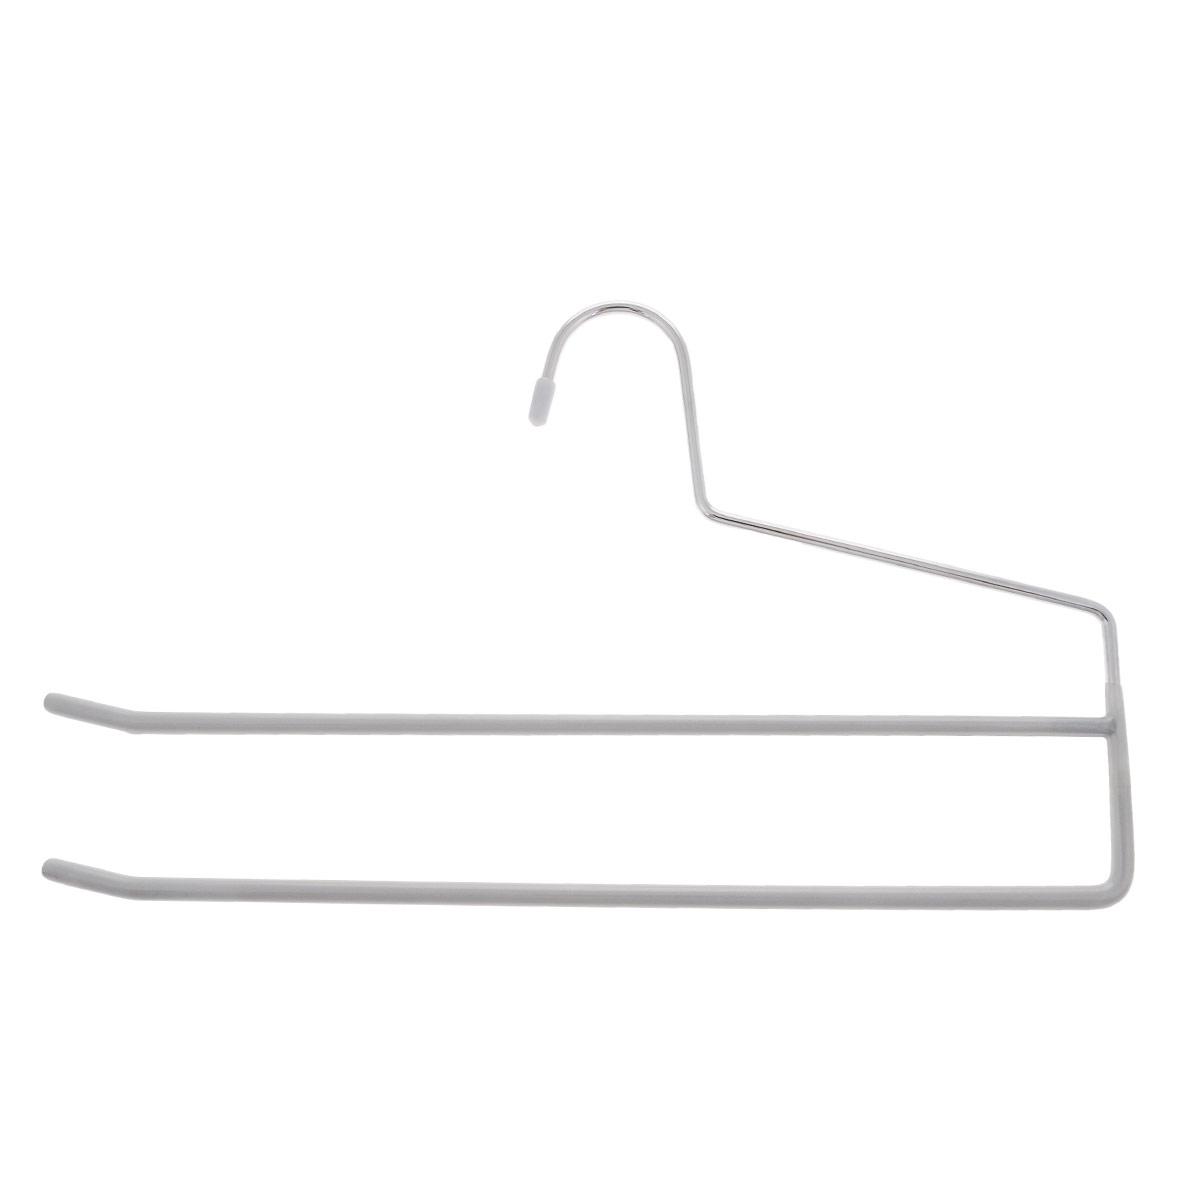 Вешалка для брюк Metaltex, цвет: серый, 2 уровня, длина 34,5 см55.21.06_серый_серыйВешалка для брюк Metaltex, выполненная из металла, представляет собой две перекладины, располагающиеся друг над другом. Каждая перекладина имеет противоскользящее полимерное покрытие.Такая вешалка прекрасно подойдет для подвешивания брюк.Вешалка - это незаменимая вещь для того, чтобы ваша одежда всегда оставалась в хорошем состоянии.